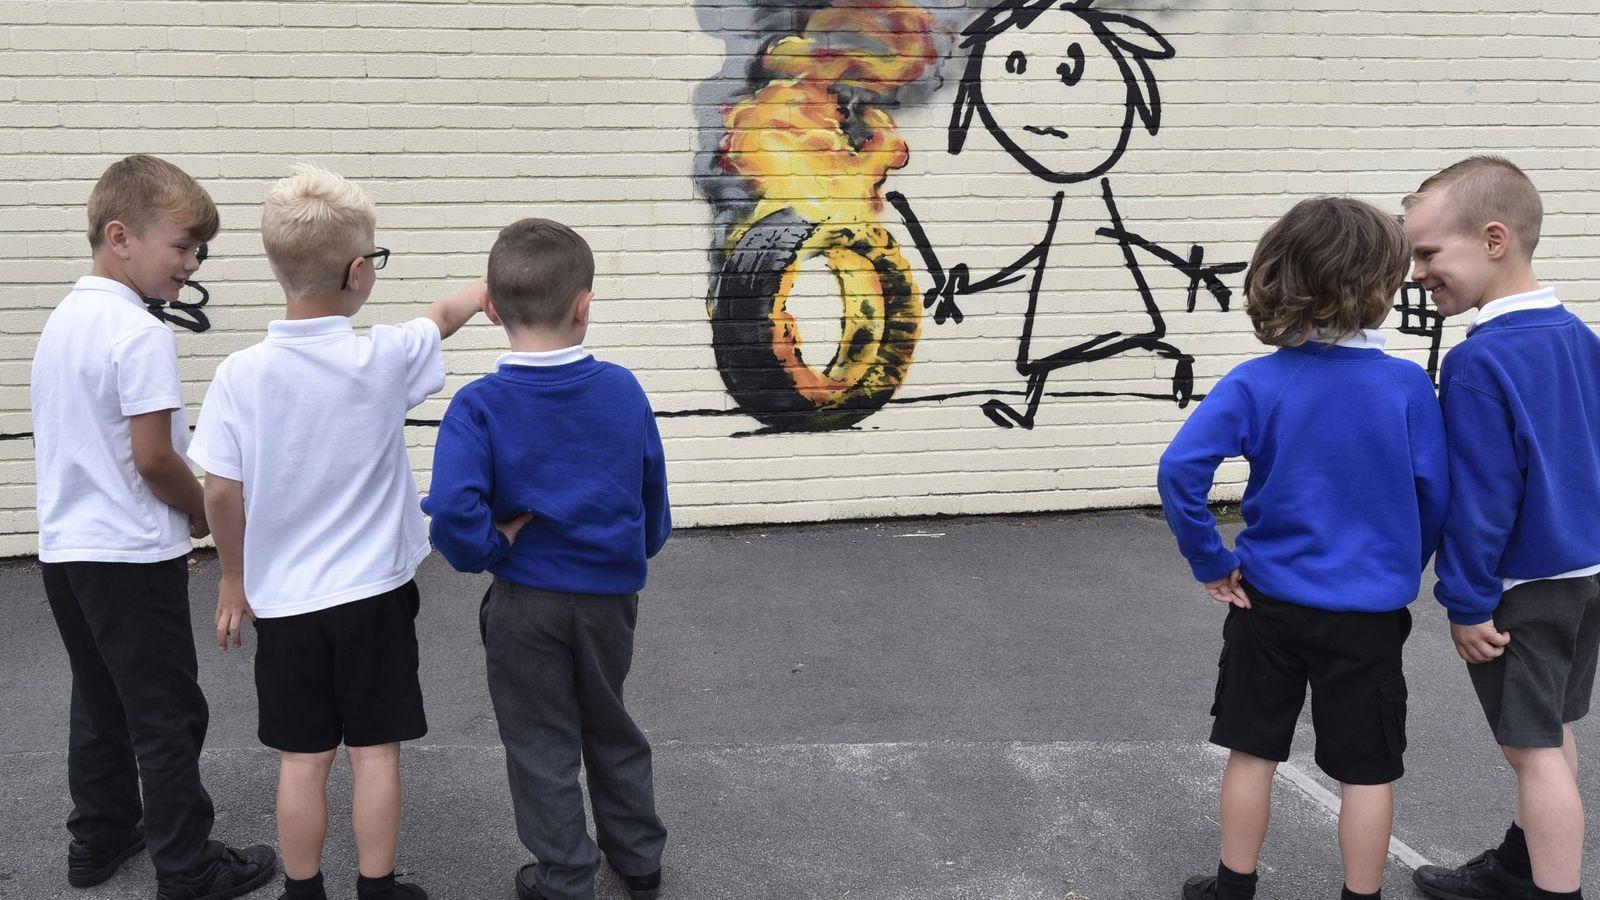 Foto: Patio de un colegio en Reino Unido. (EFE)